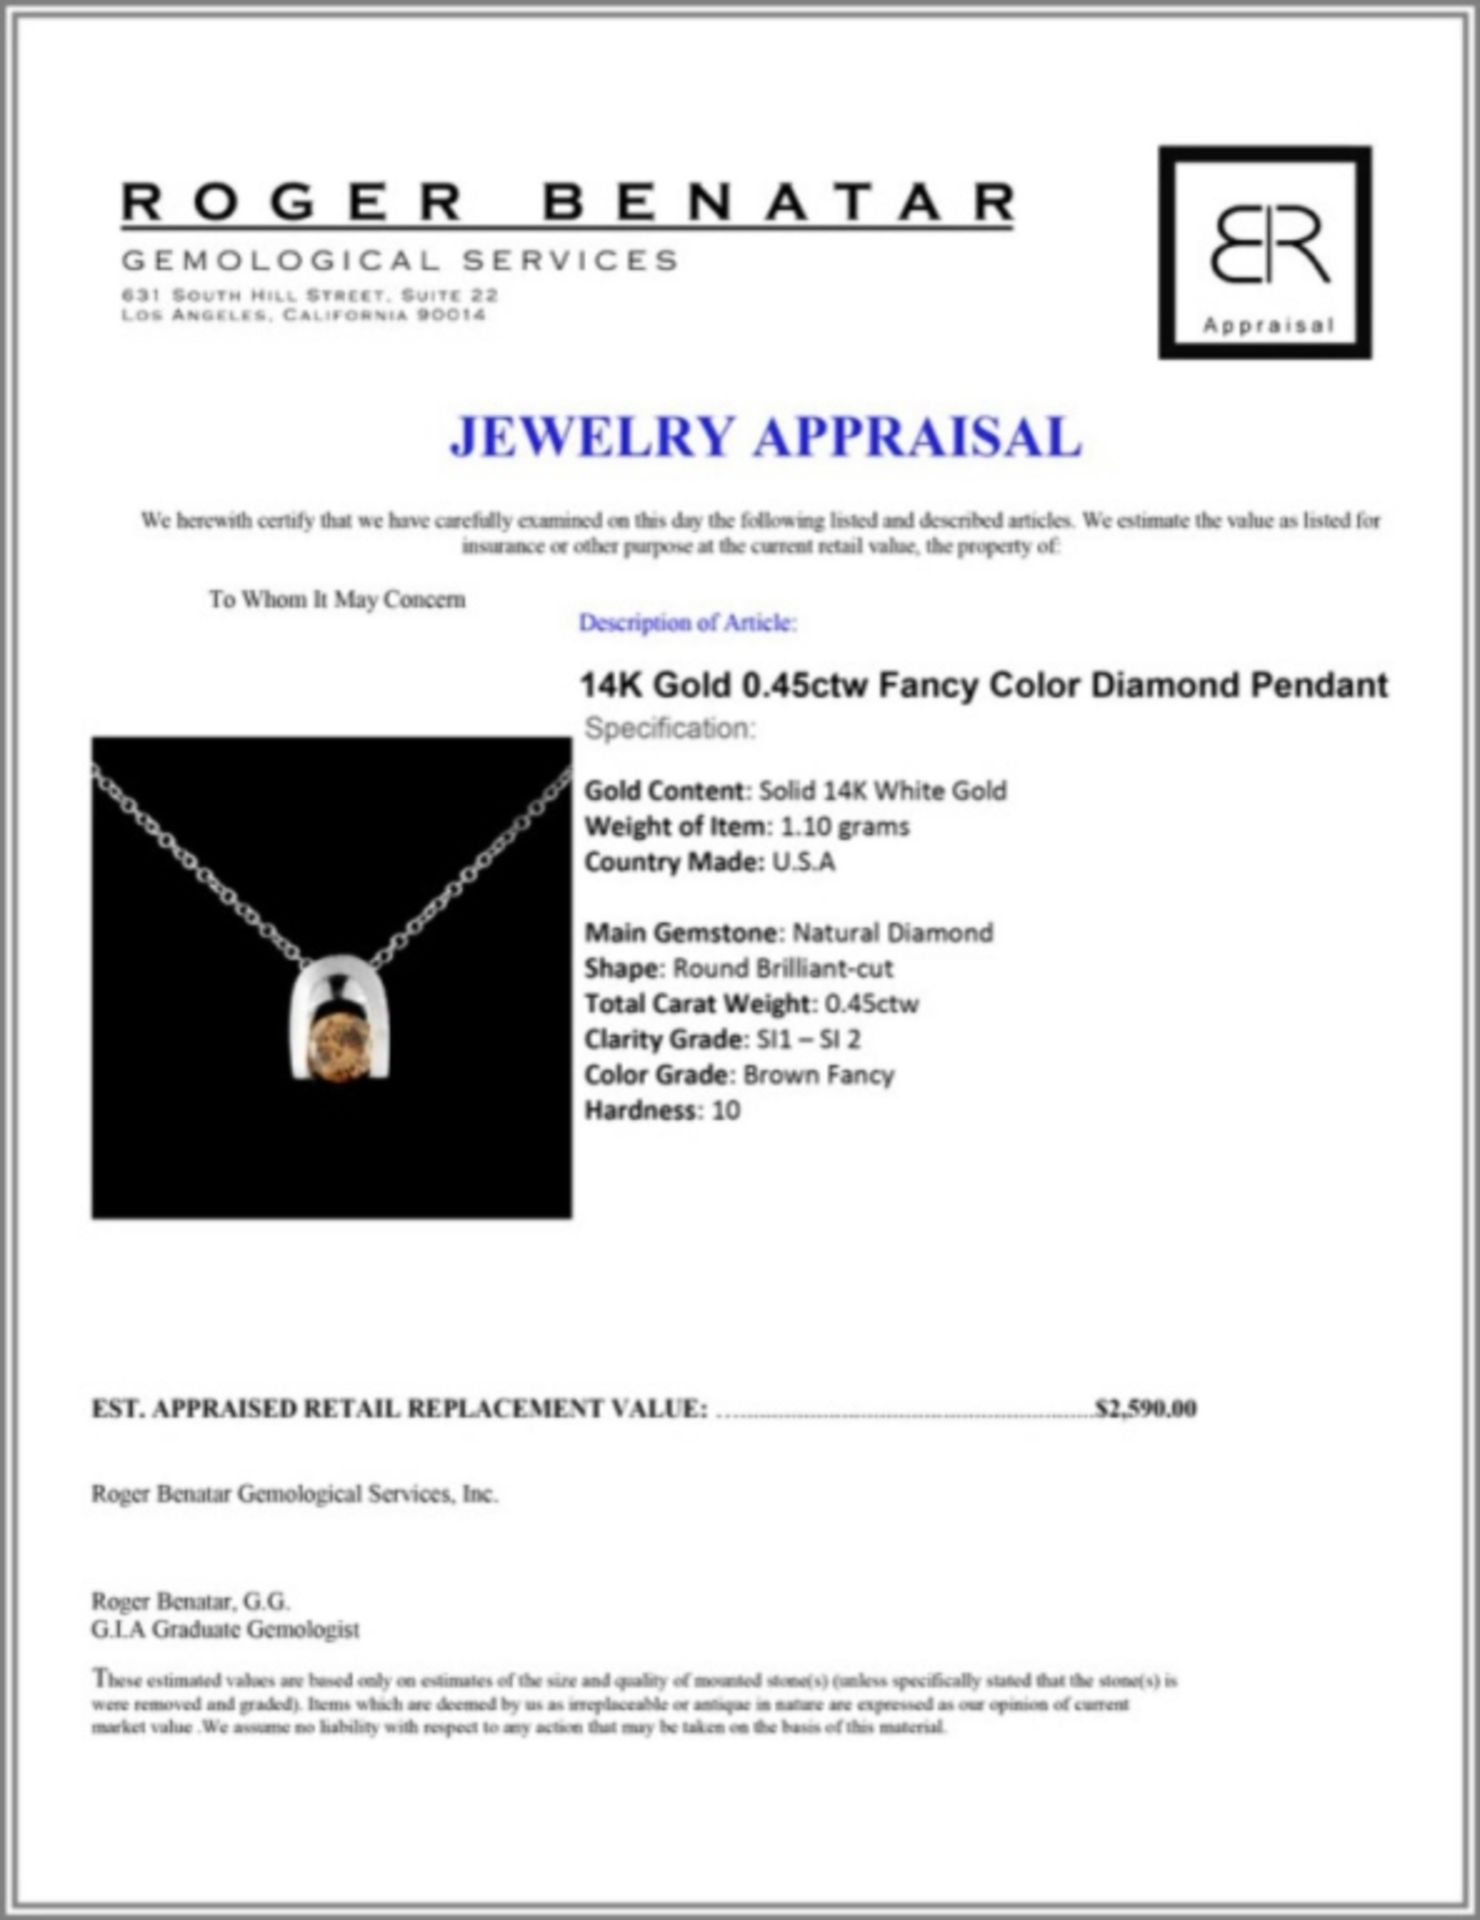 14K Gold 0.45ctw Fancy Color Diamond Pendant - Image 3 of 3